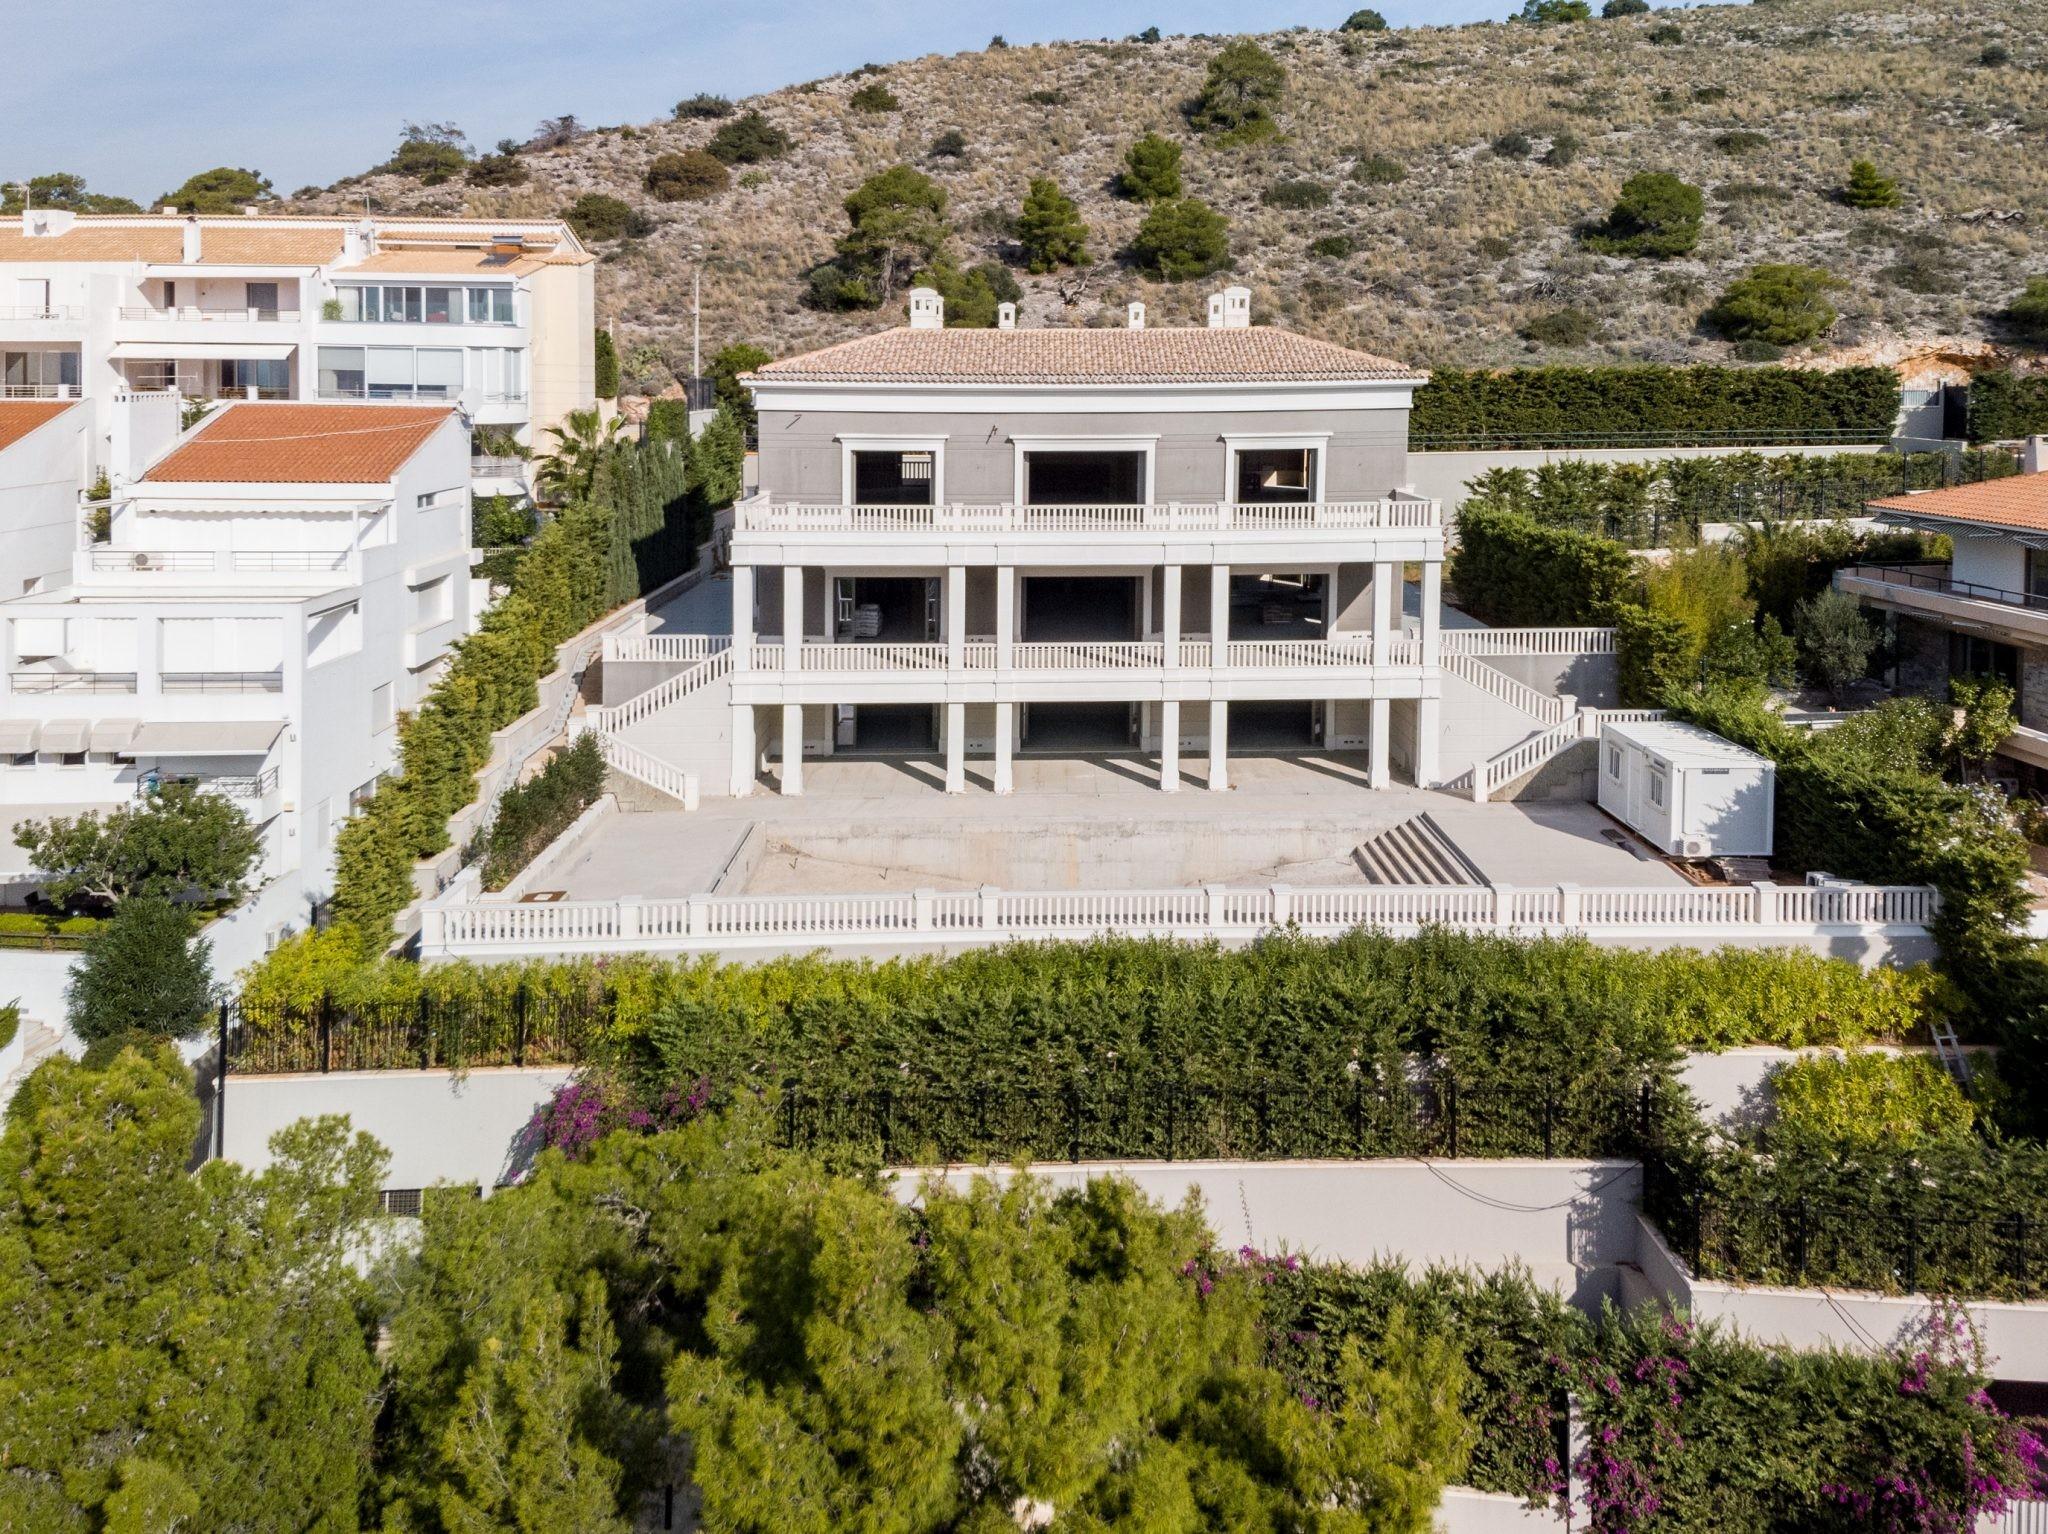 Casa, Vouliagmeni - Ref GR-4831